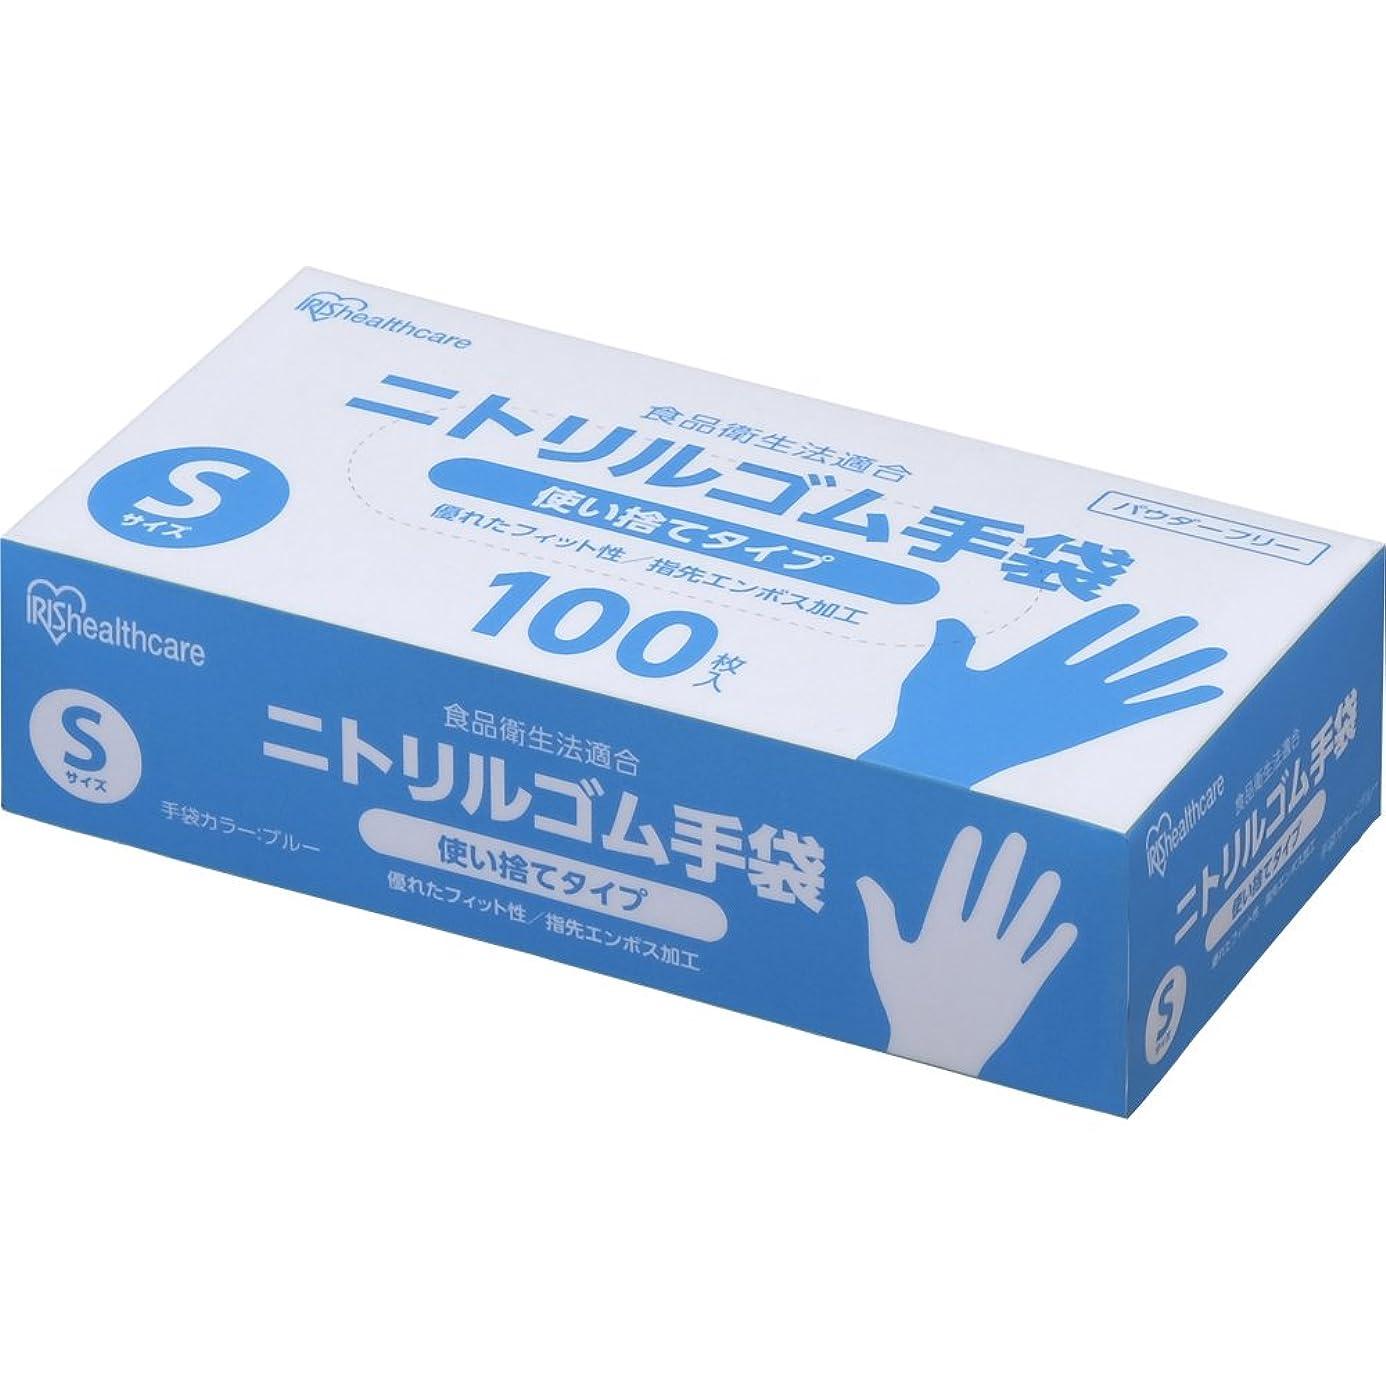 テメリティ結晶鷲アイリスオーヤマ 使い捨て手袋 ブルー ニトリルゴム 100枚 Sサイズ 業務用